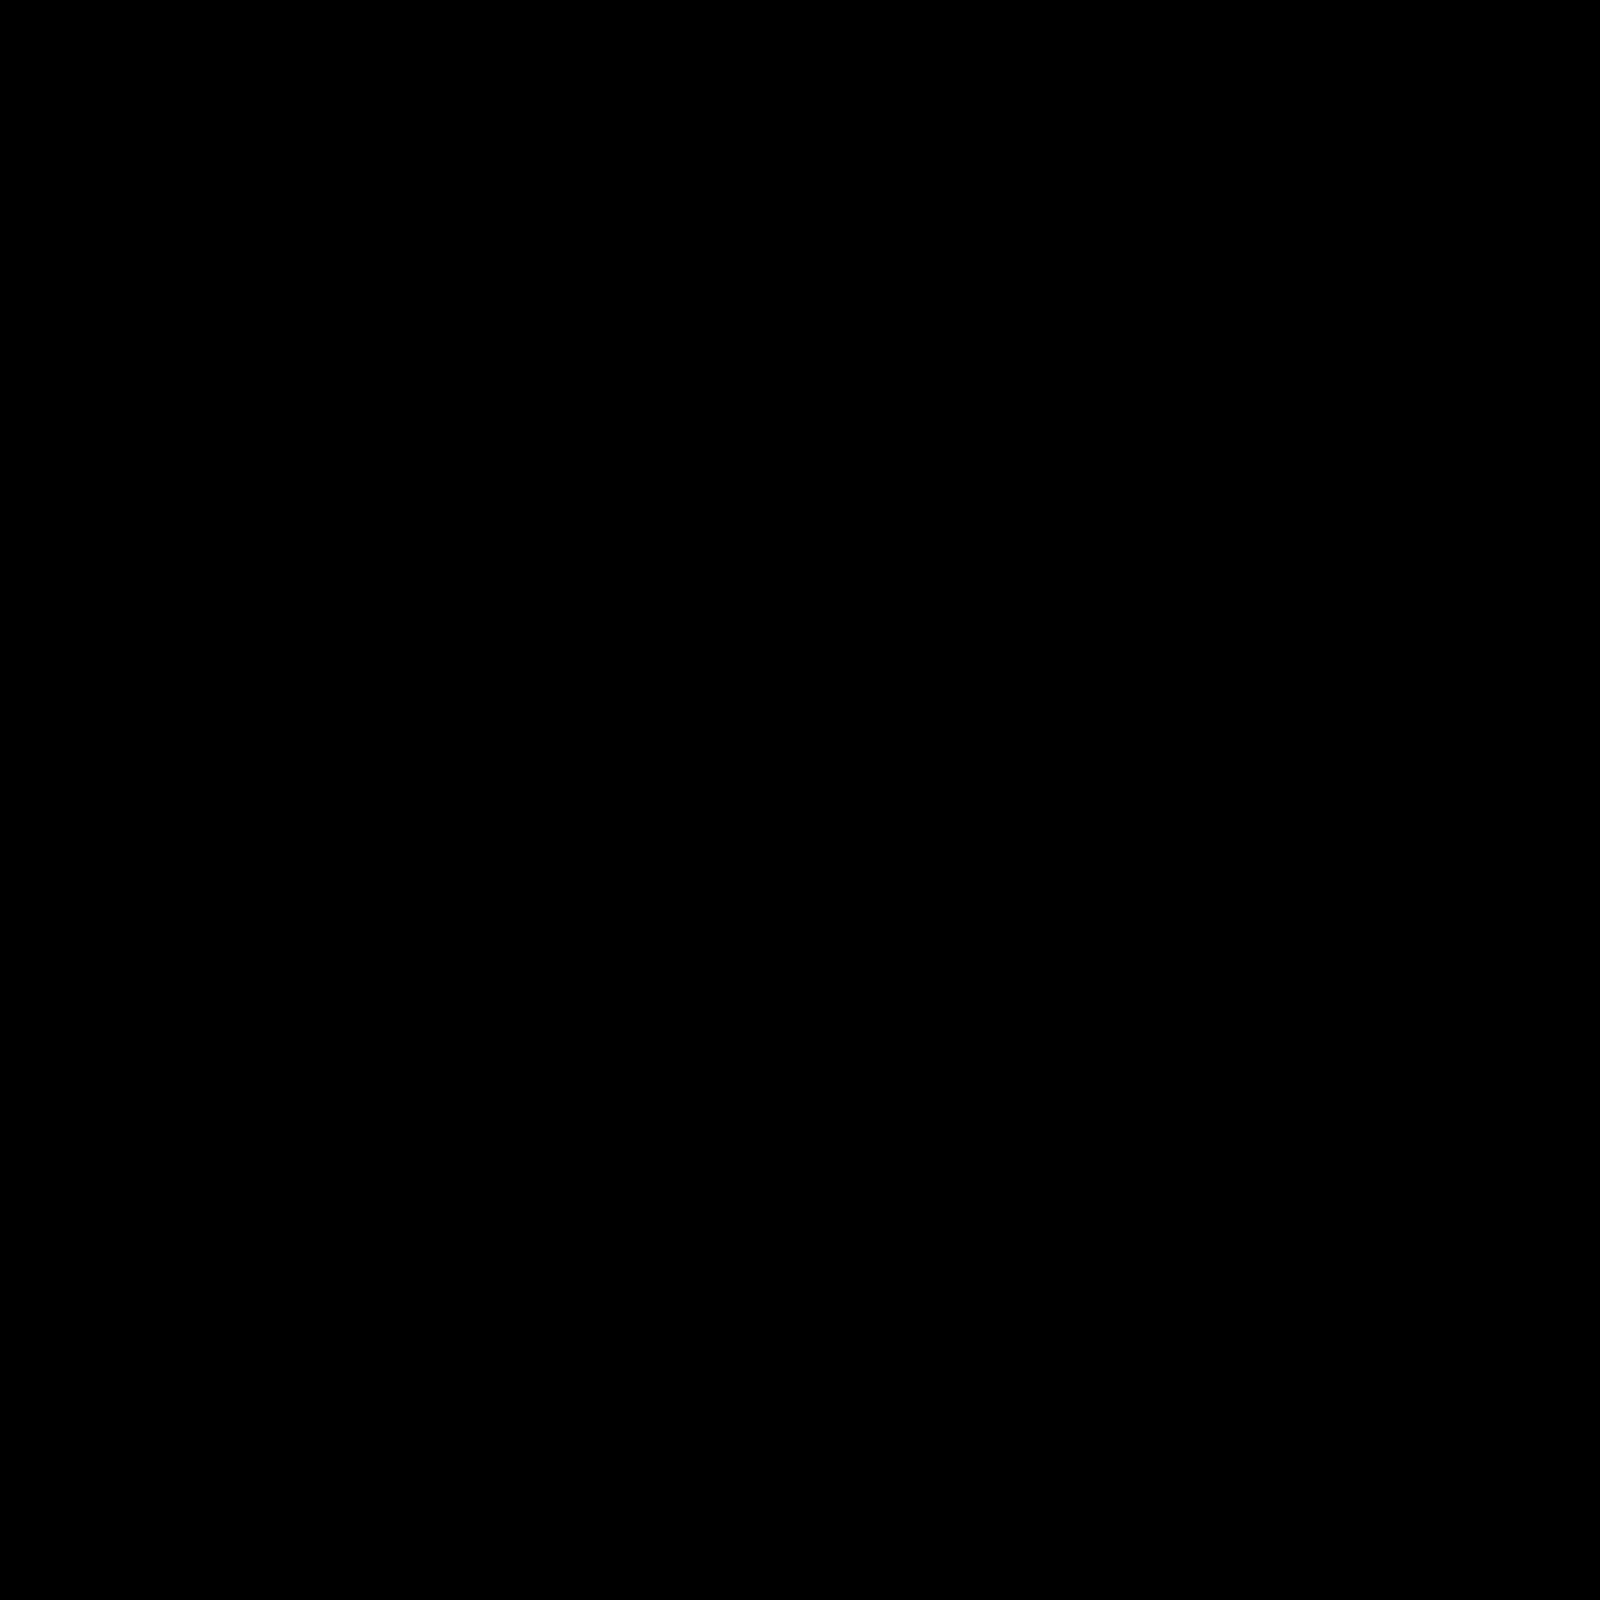 5C icon